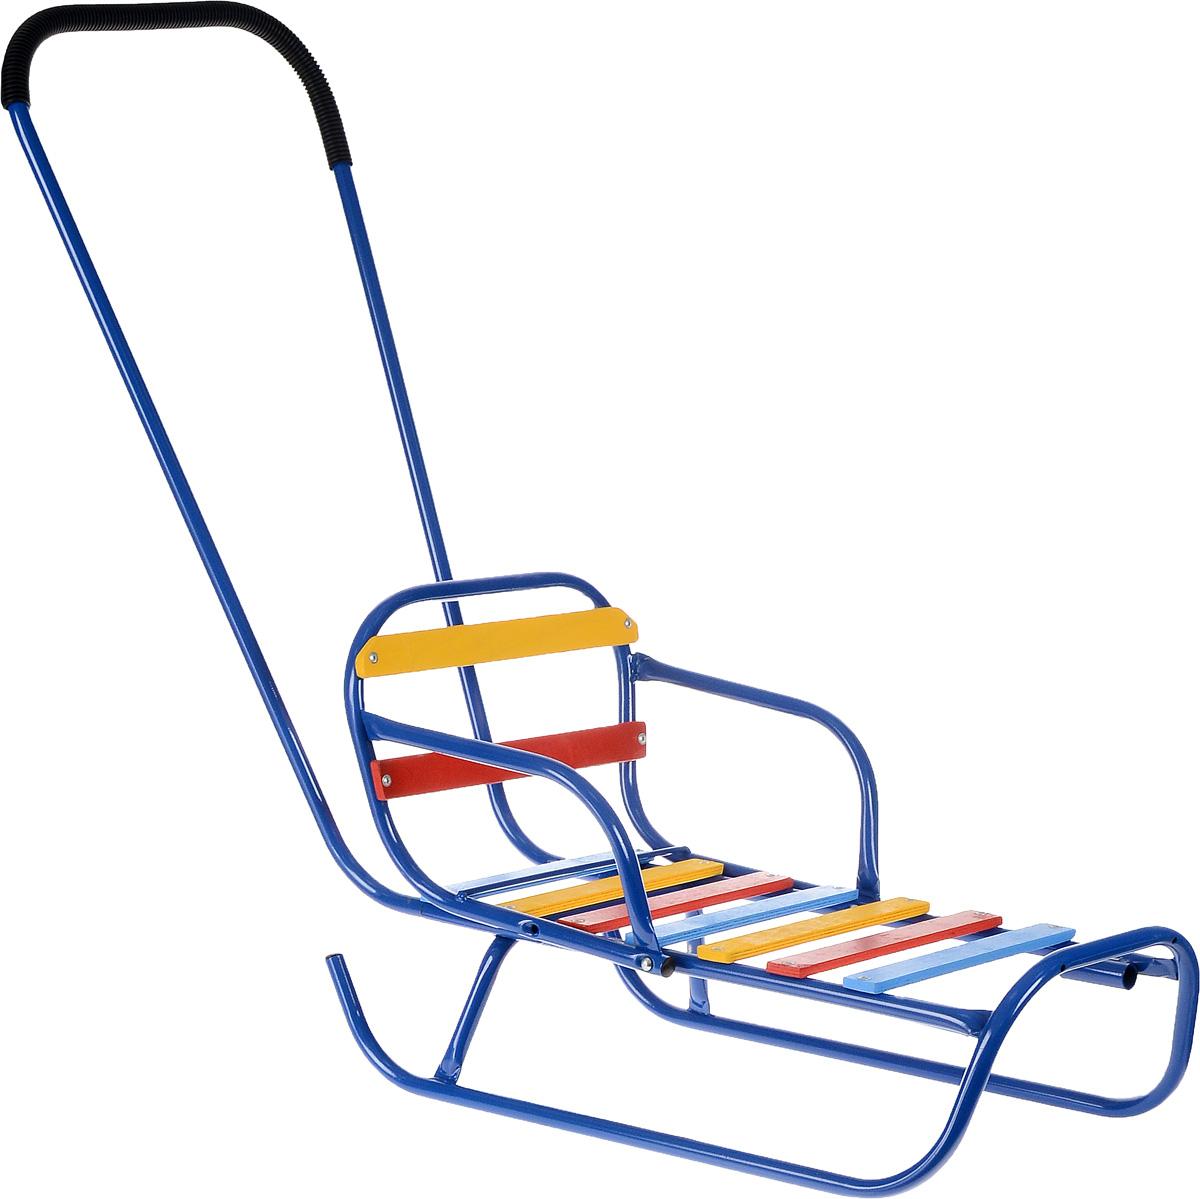 Санки-трансформер, со съемным толкателем и спинкой, цвет: синий. З-1145.08